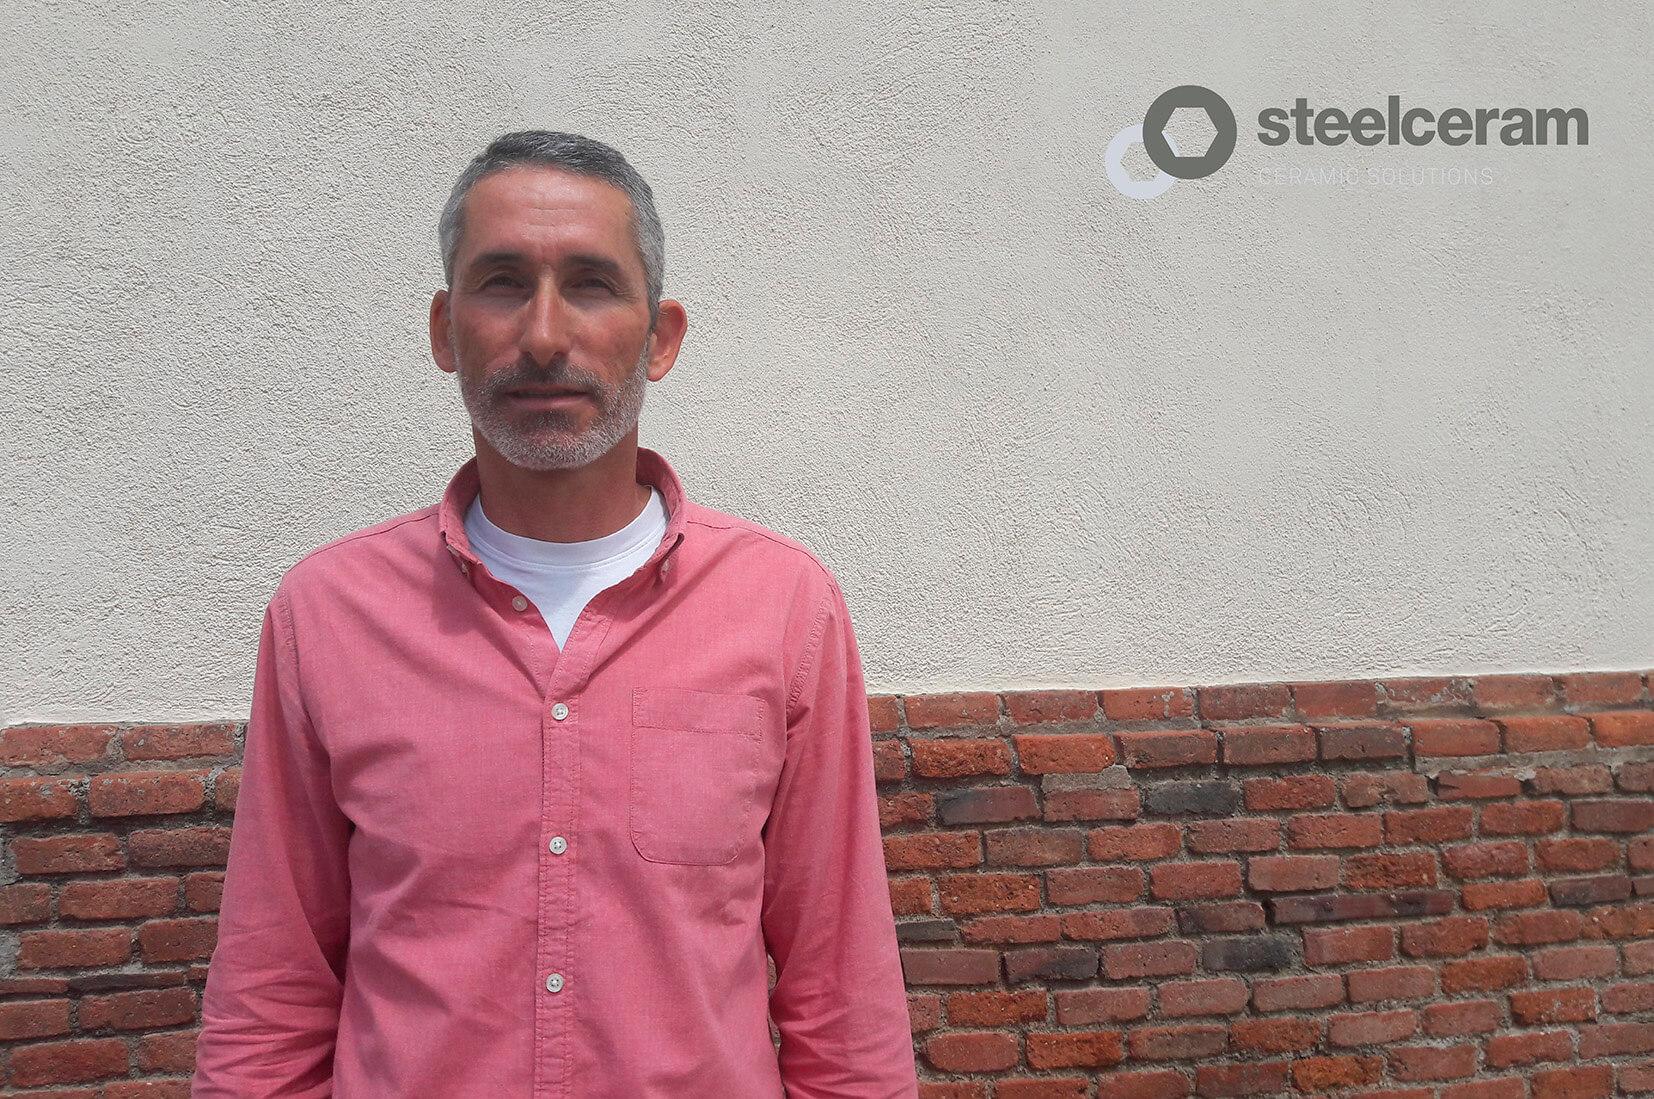 Entrevista A Carlos García, Director Técnico De Steelceram, Ingeniero Industrial, MS Y MBA.